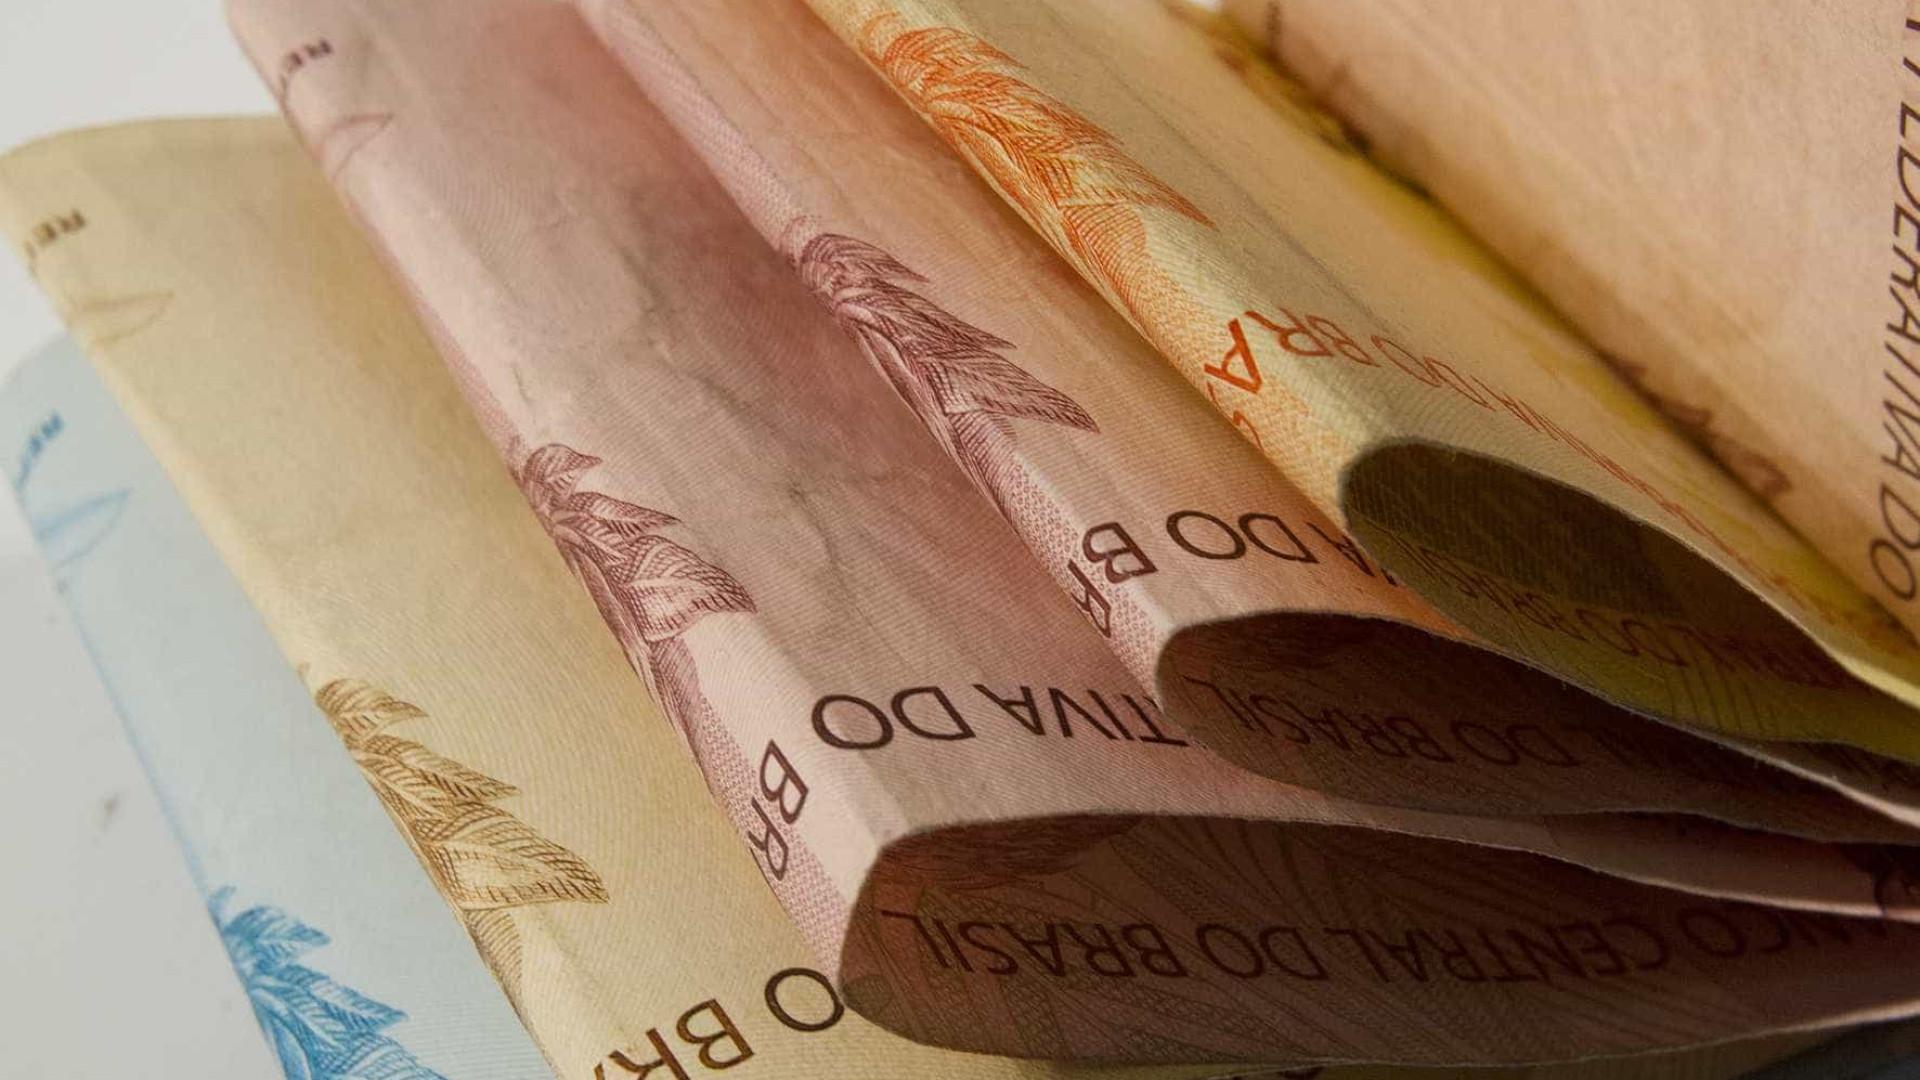 Tesouro reduz em R$ 600 milhões empréstimo para pagar salários no Rio